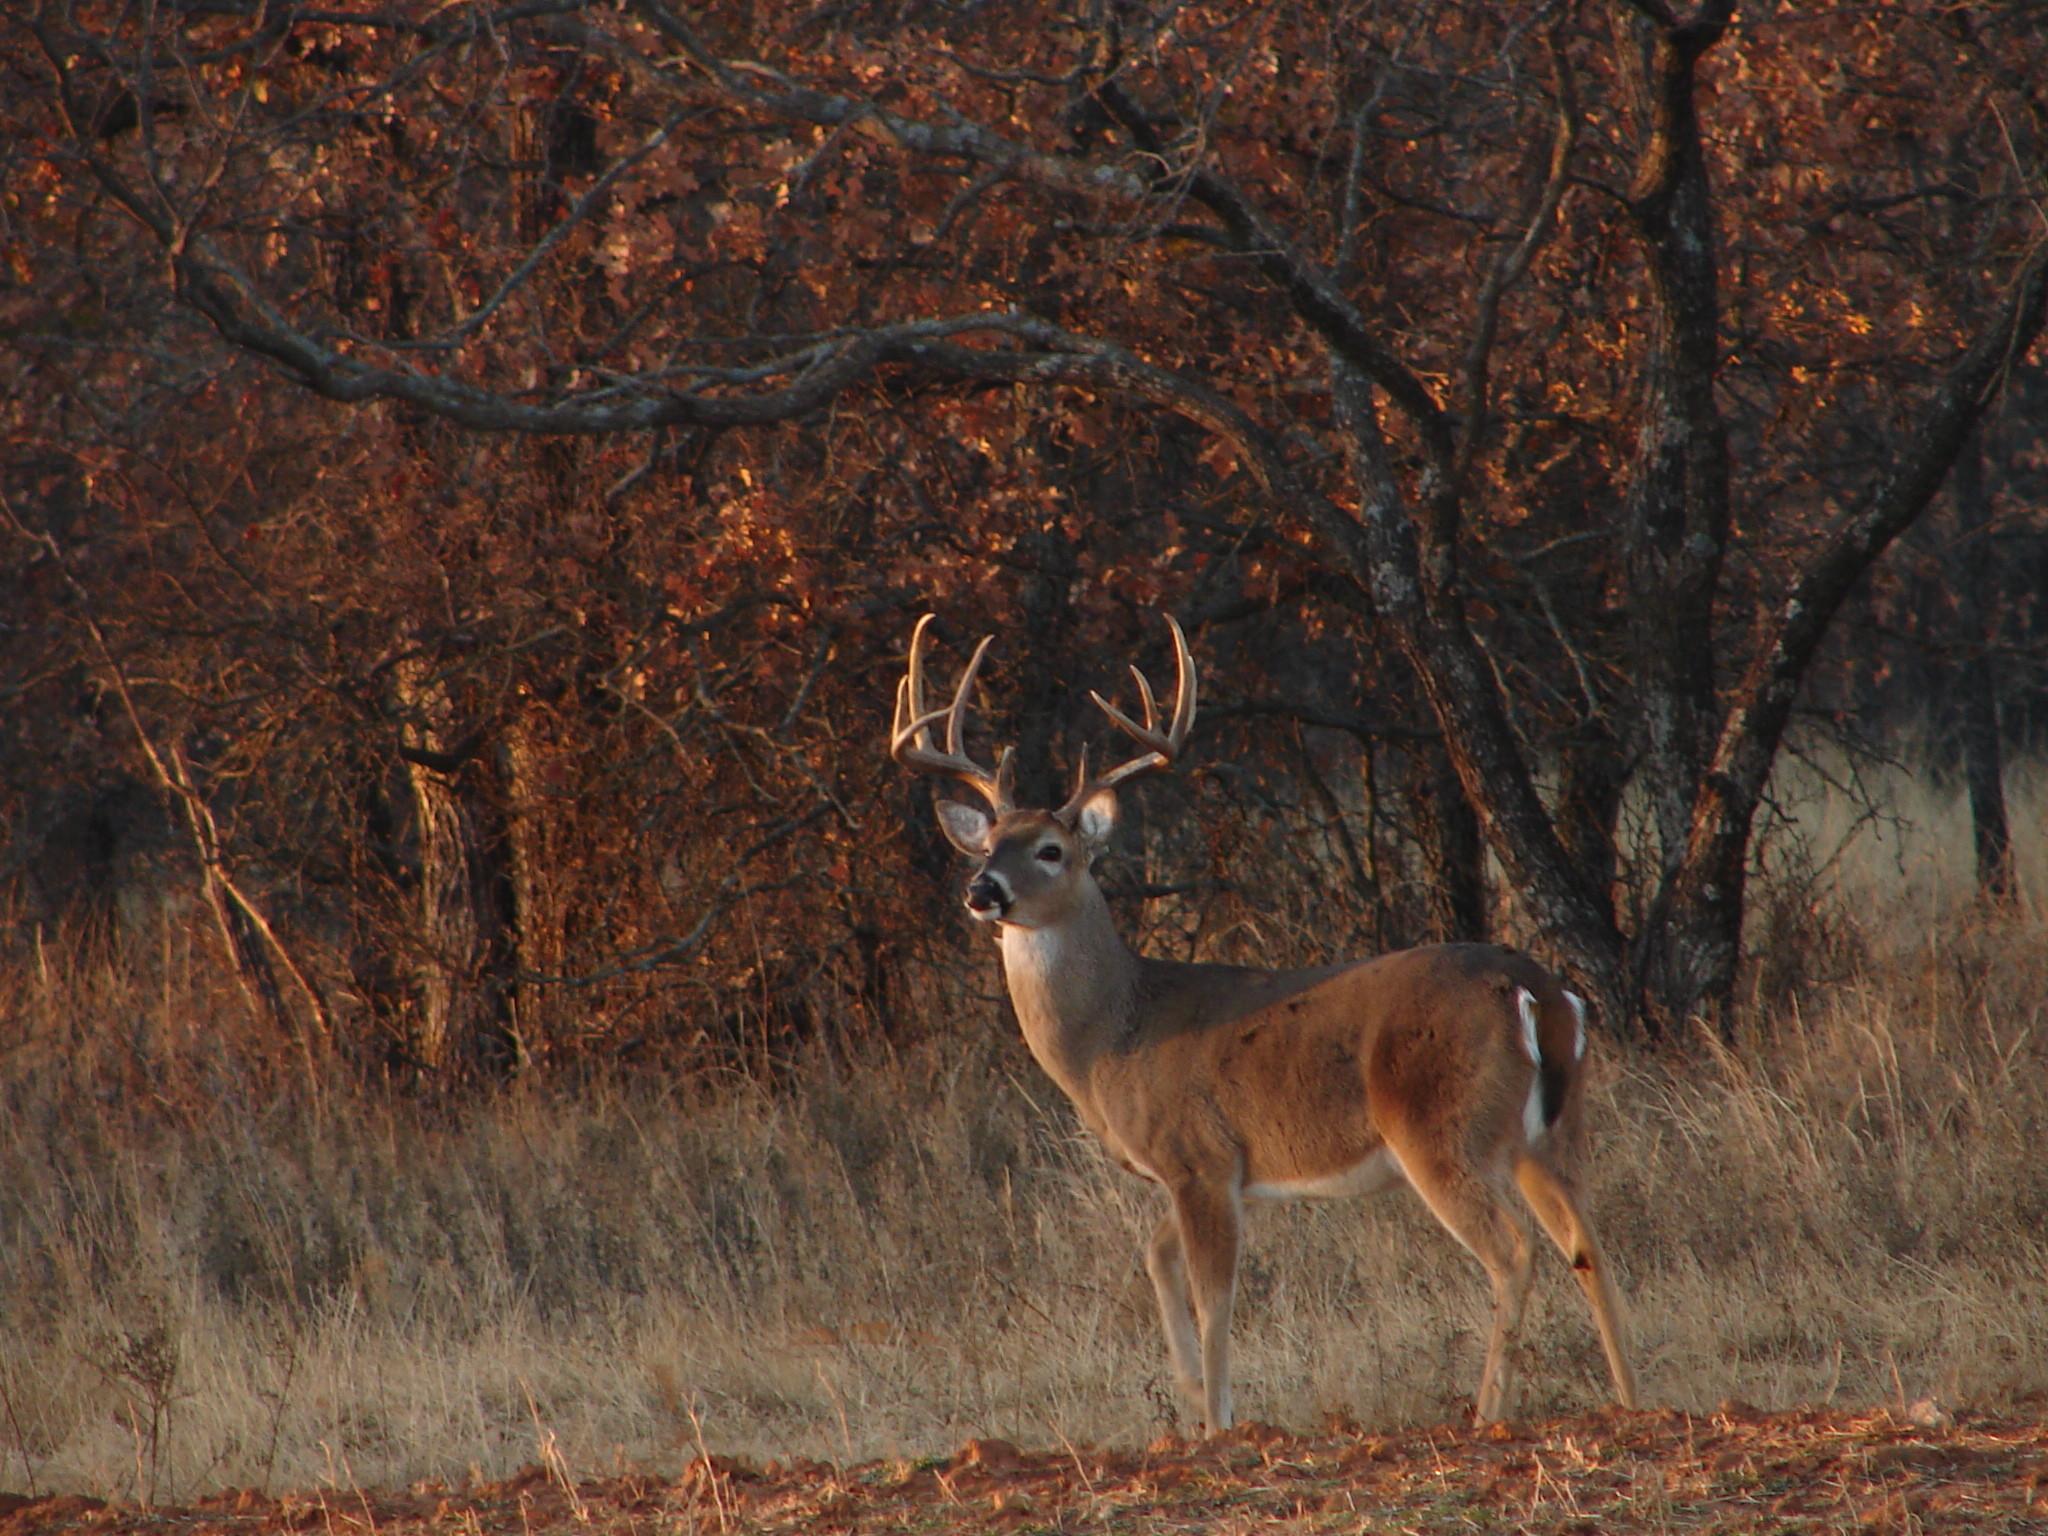 Deer Desktop Backgrounds 59 images